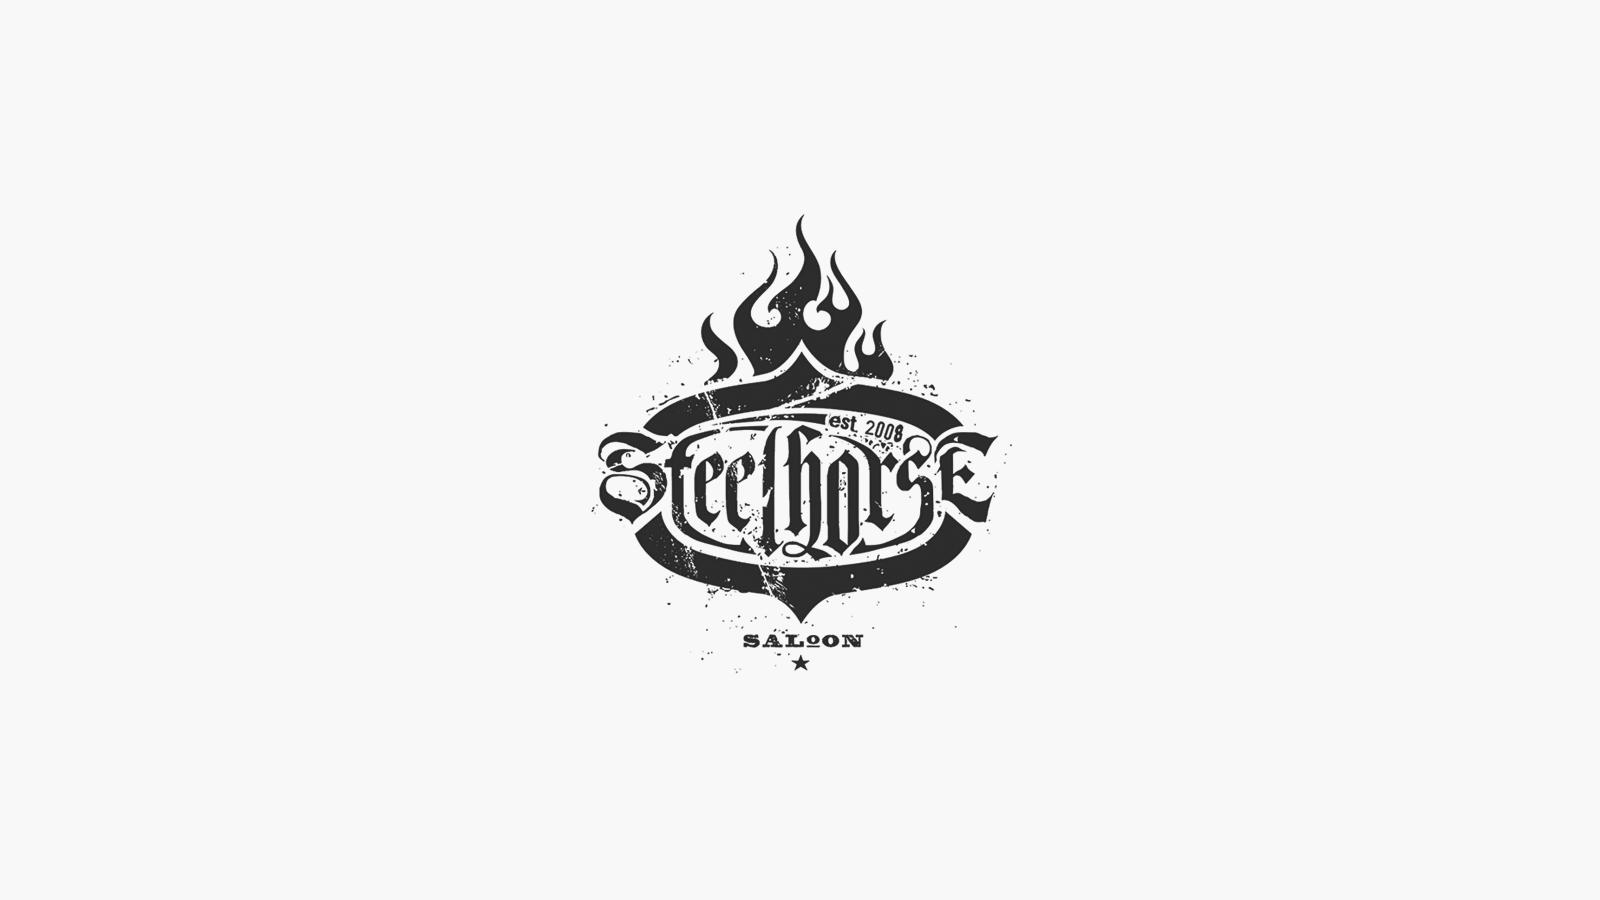 Steelhorse Saloon Logo